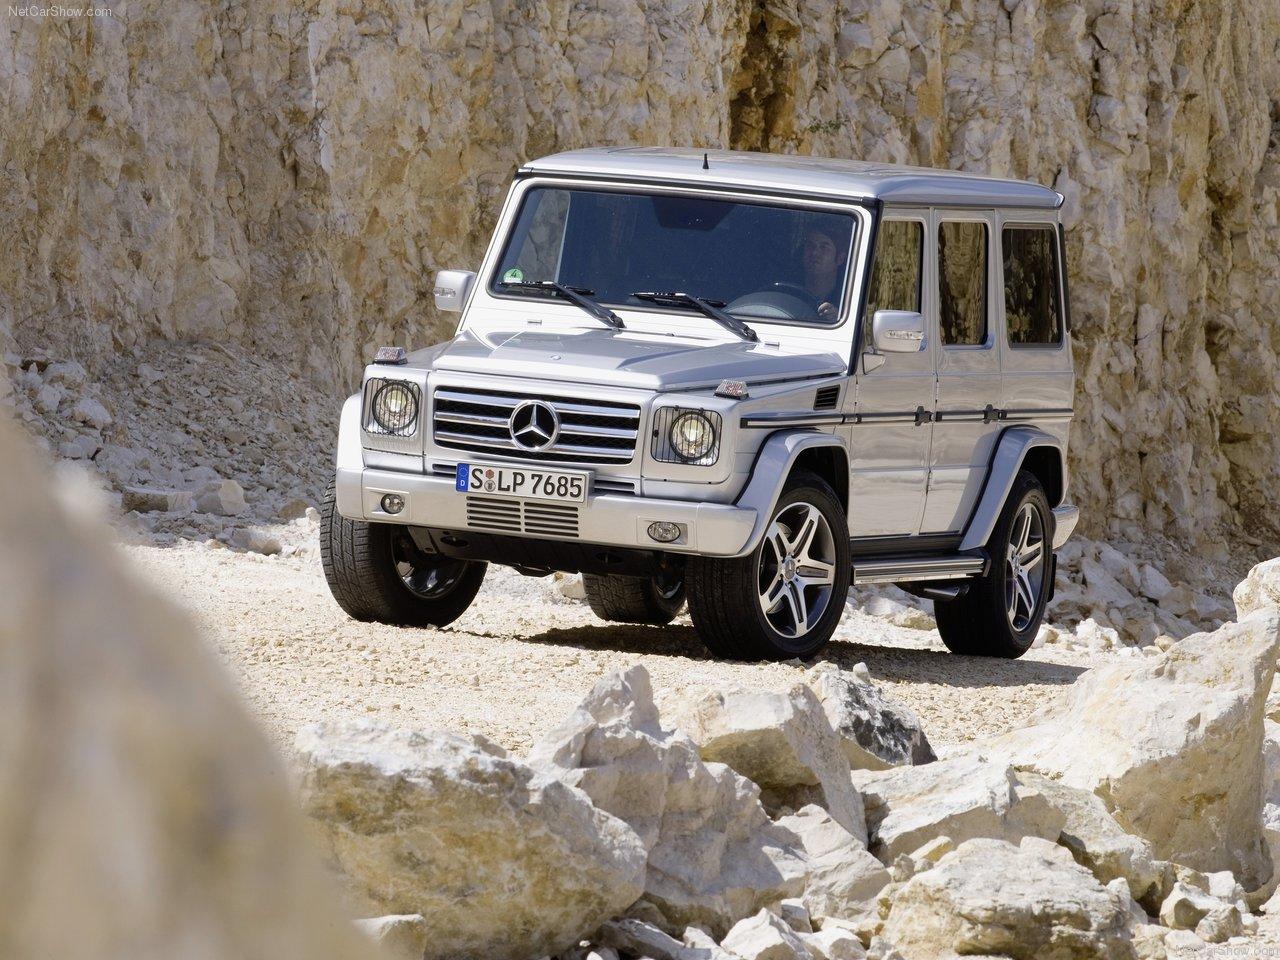 http://3.bp.blogspot.com/-bmdVedEGHaQ/TWssn1ySMNI/AAAAAAACLag/mPthQrxnXYs/s1600/Mercedes-Benz-G55_AMG_2009_1280x960_wallpaper_02.jpg